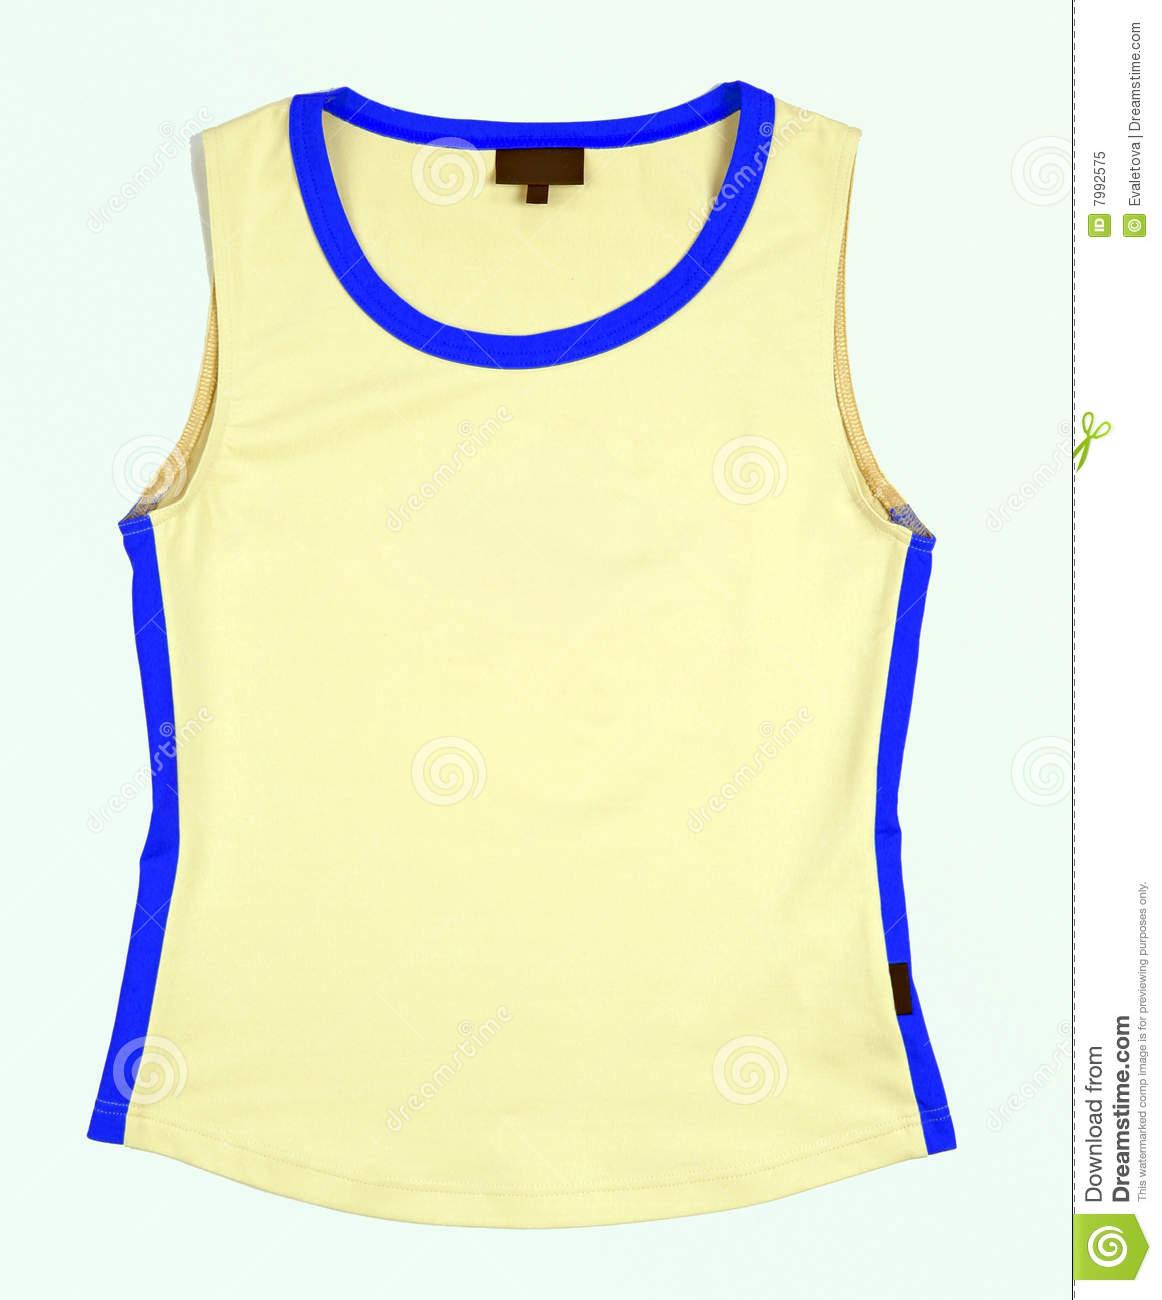 life vest clip art index of ces clipart